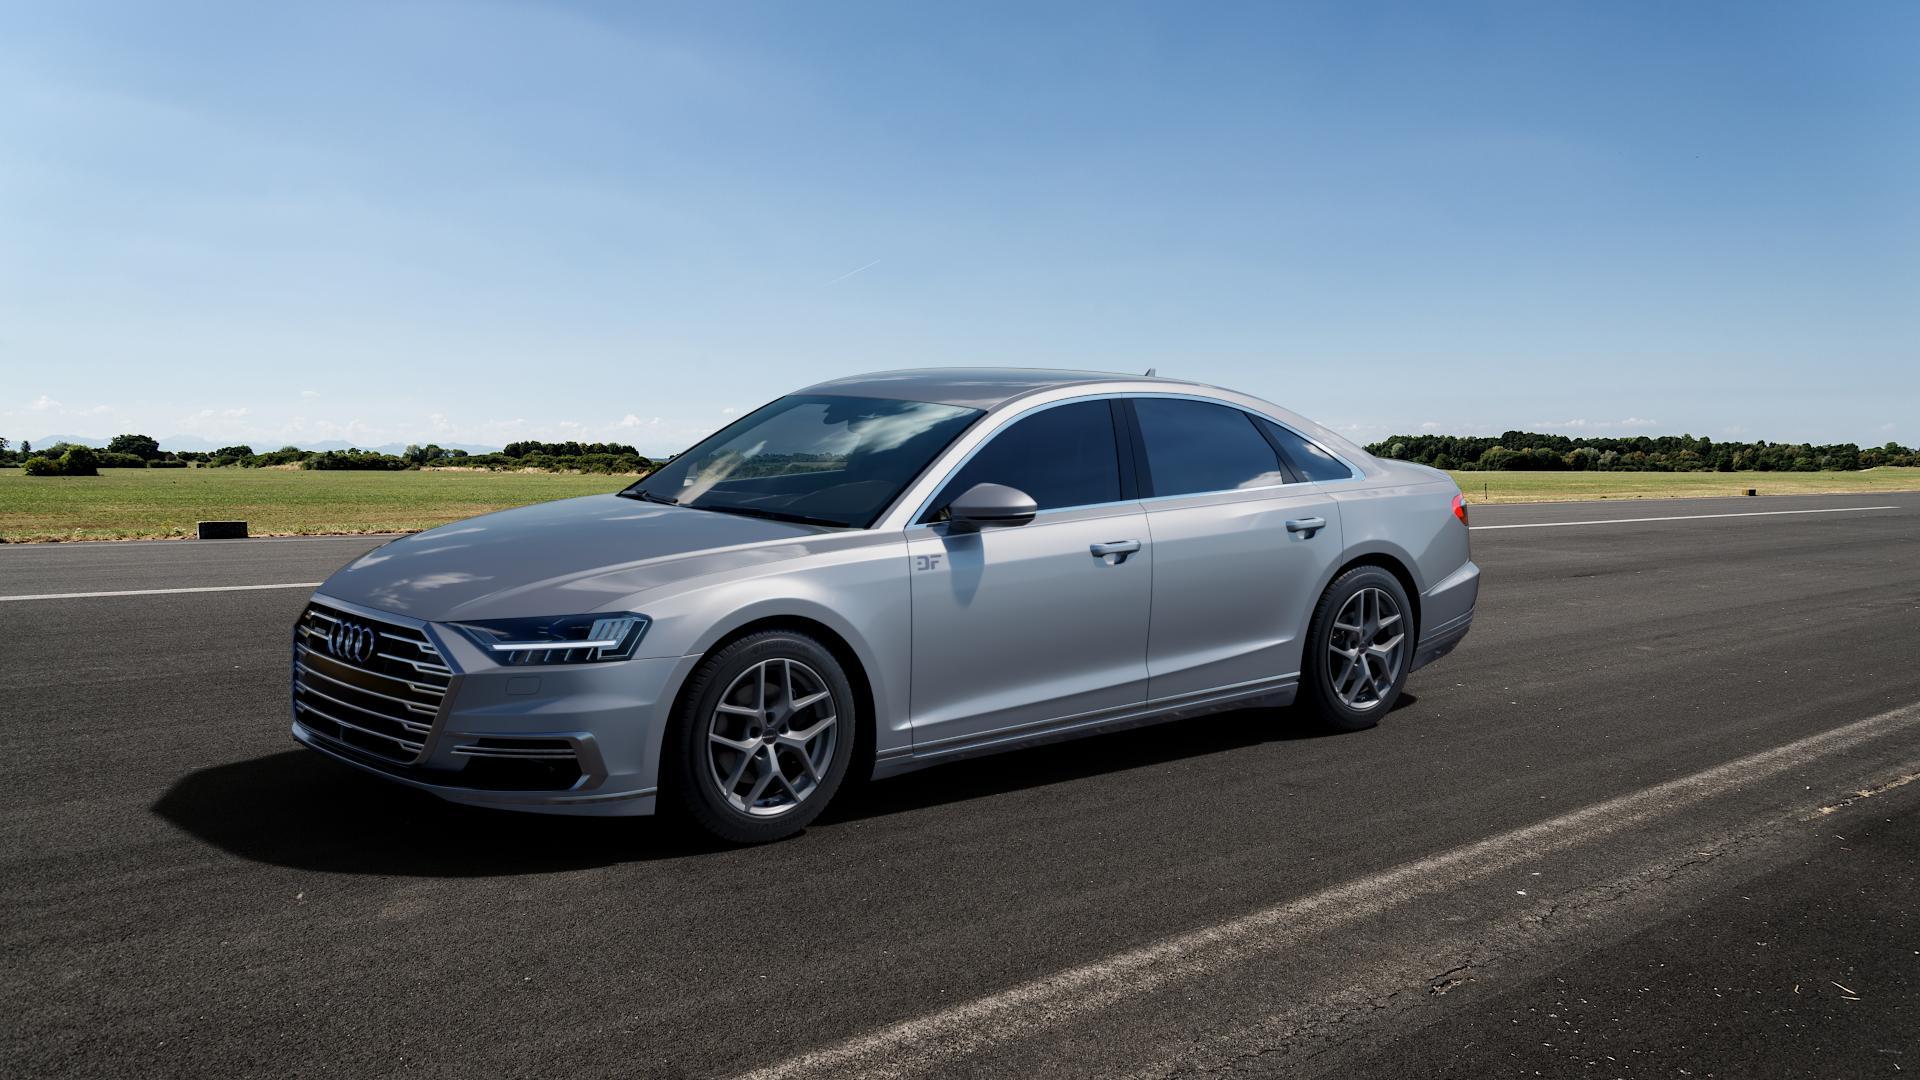 Borbet Y titan matt Felge mit Reifen grau in 18Zoll Winterfelge Alufelge auf silbernem Audi A8 Typ D5/F8 3,0l 60 TFSI e quattro 250kW (340 PS) Hybrid 4,0l 338kW (460 420kW S8 (571 TDI 210kW (286 320kW (435 ⬇️ mit 15mm Tieferlegung ⬇️ Big_Vehicle_Airstrip_1 Frontansicht_1